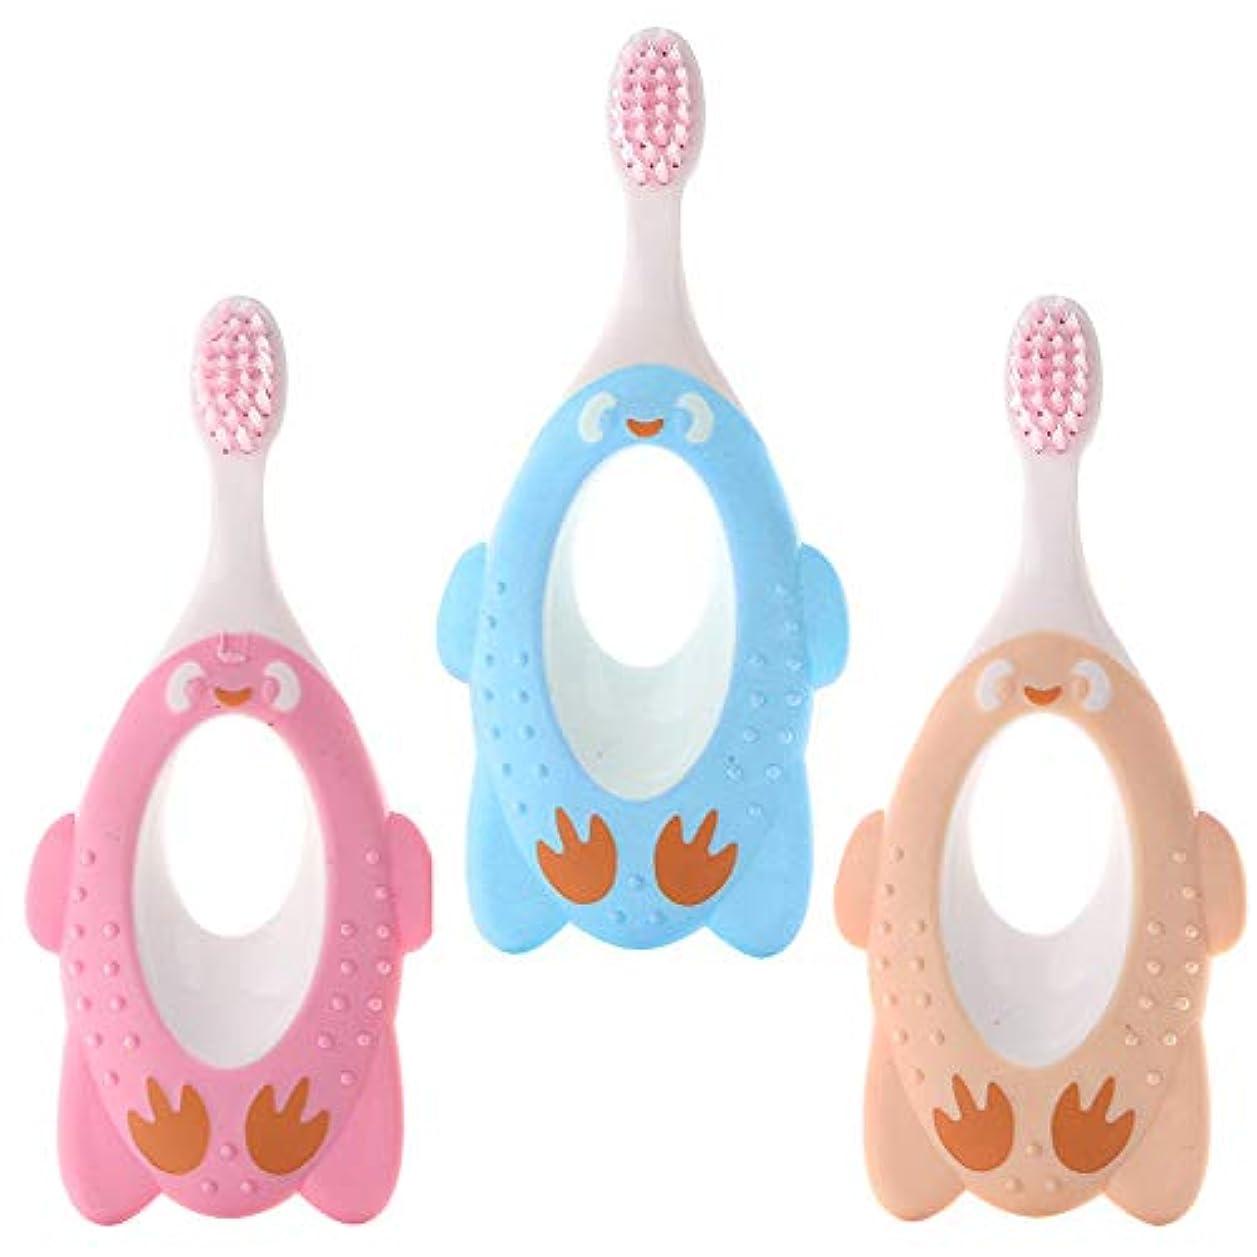 有名人聖歌フォージ赤ん坊、幼児および子供のための3つのかわいい赤ん坊の歯ブラシセットやわらかデンタルトレーニング歯ブラシオーラルケアセット17×9.5cm(ブルーピンクイエロー)